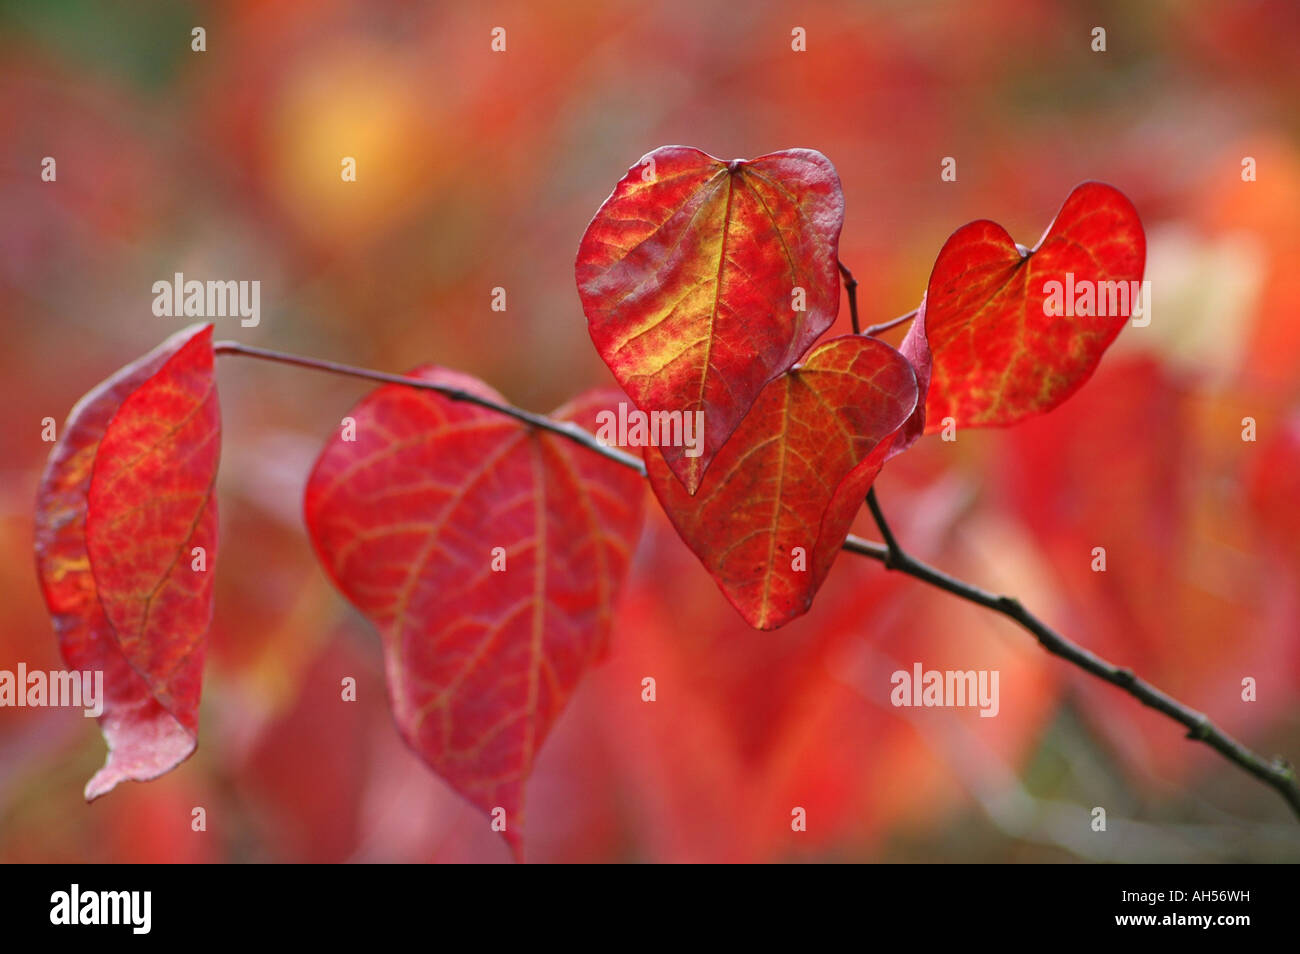 Winterharte Garten Strauch mit großen Herbstlaub Farbe rot-orangen und Gold auf den Blättern Stockbild